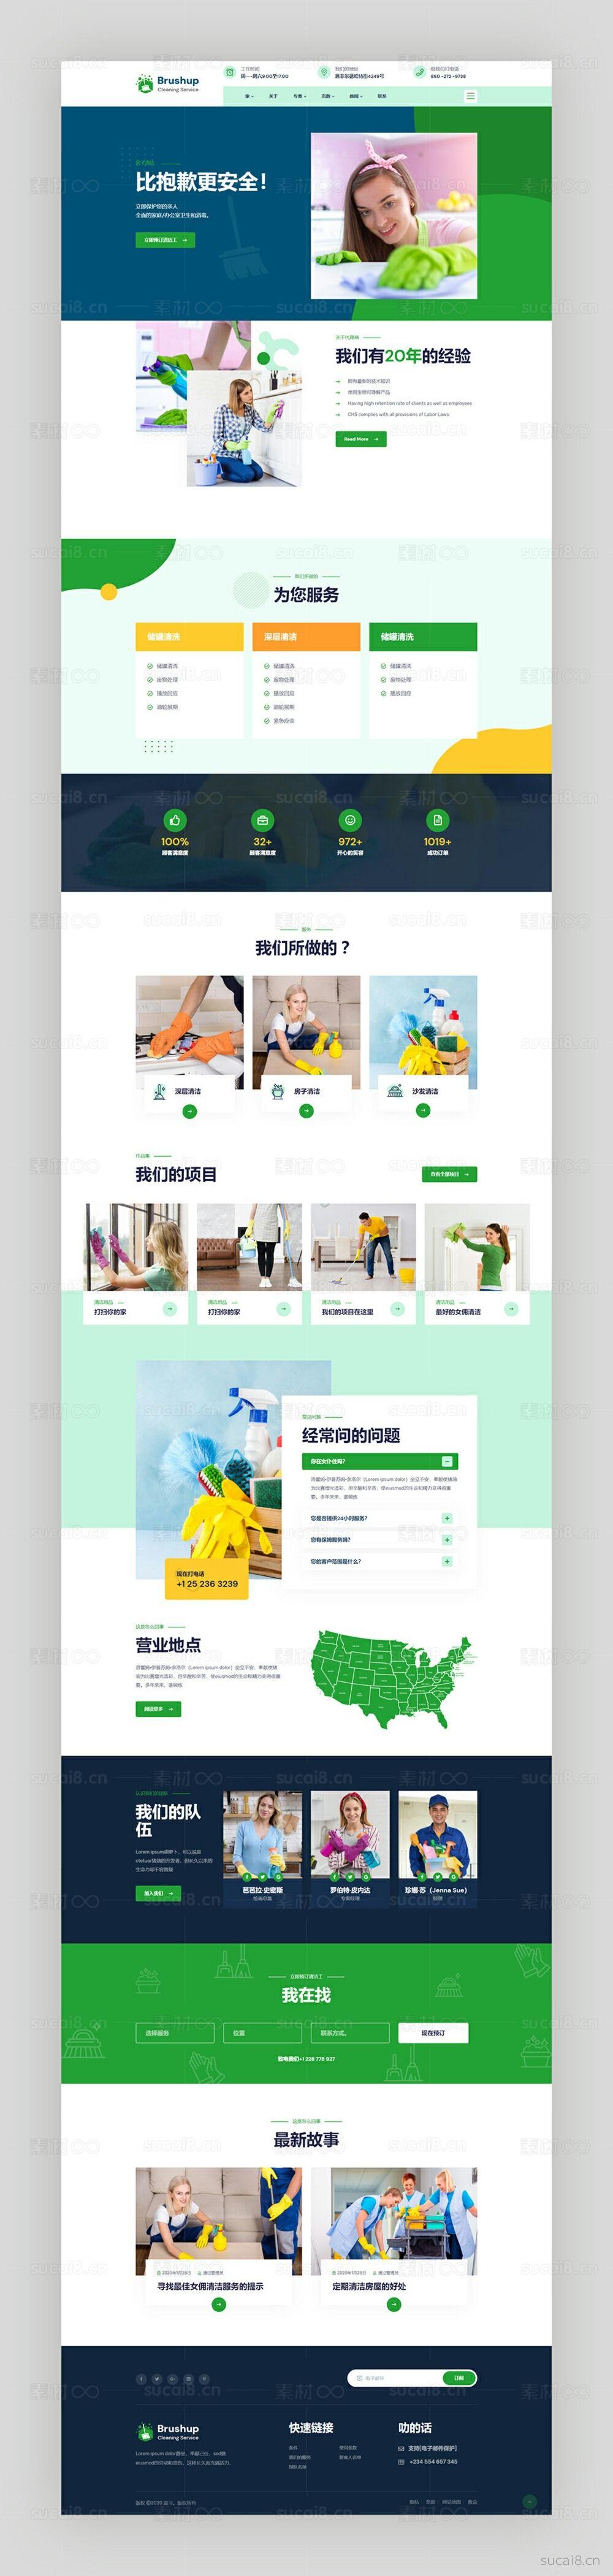 洗涤清洁服务公司网站模板